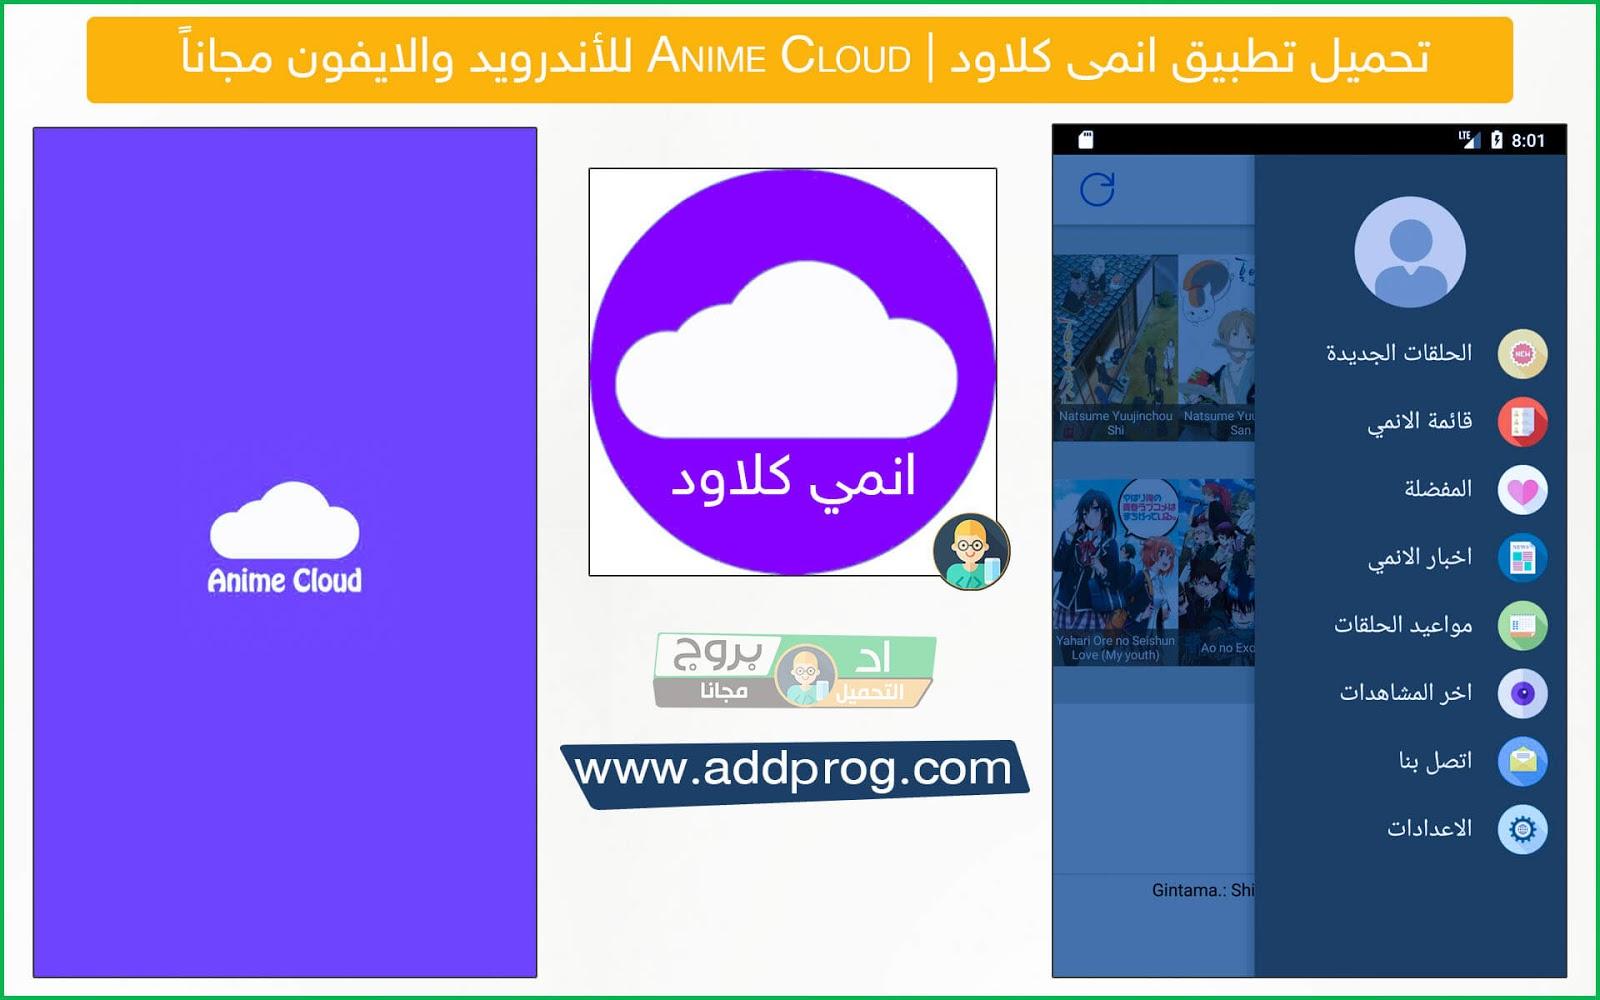 تحميل تطبيق انمى كلاود 2020 Anime Cloud للأندرويد والايفون مجانا